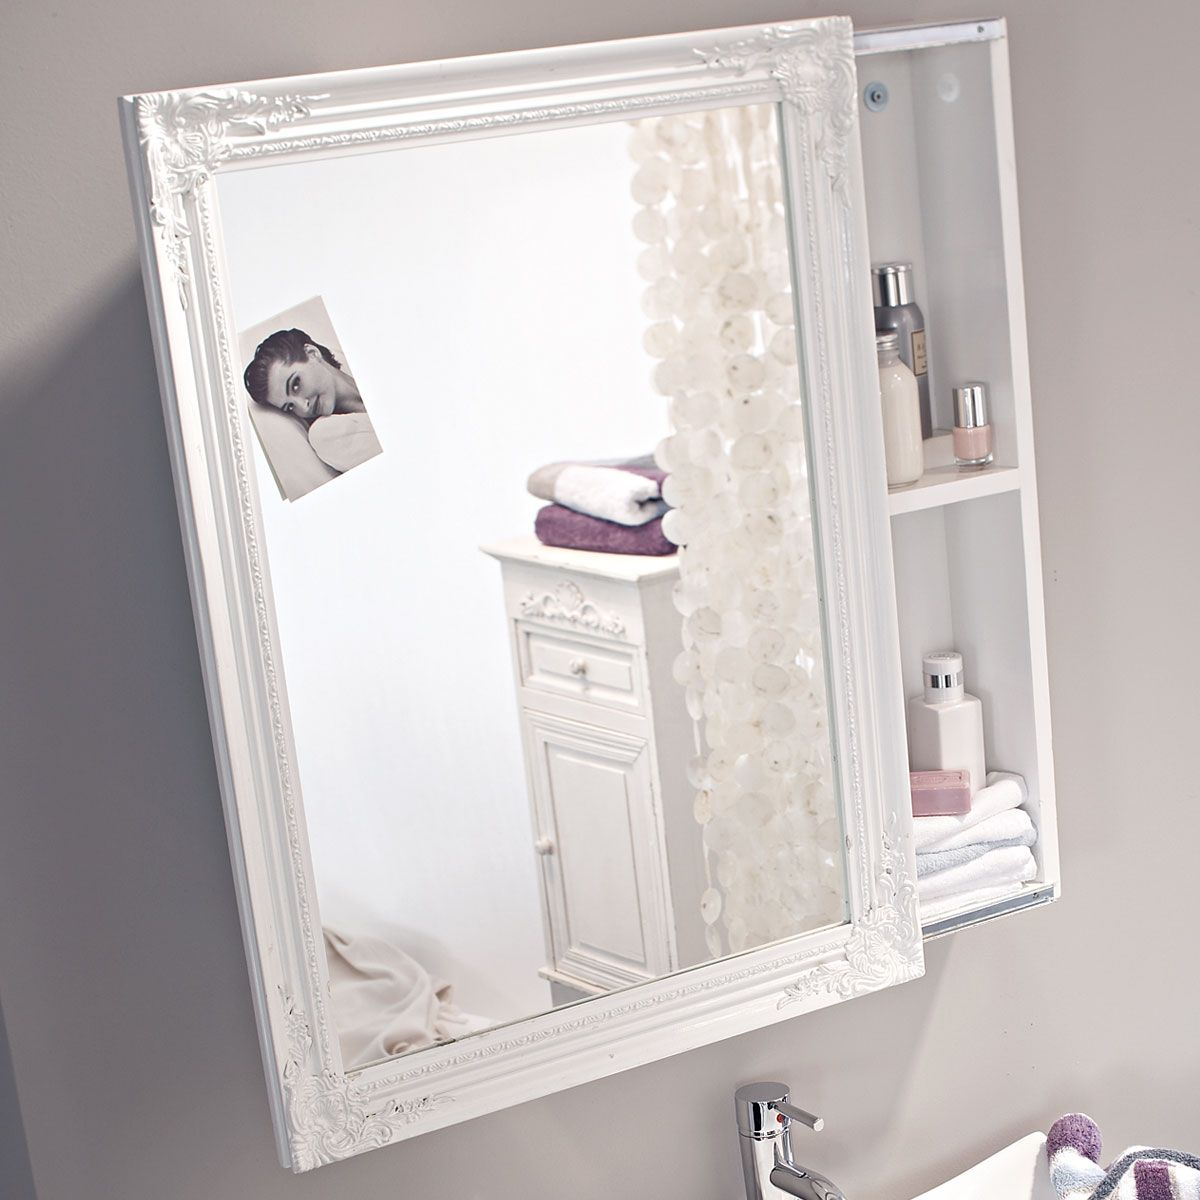 Spiegelschrank mit schiebet r barock ca 80 x 60 x 17 cm - Spiegelschrank mit schiebetur ...